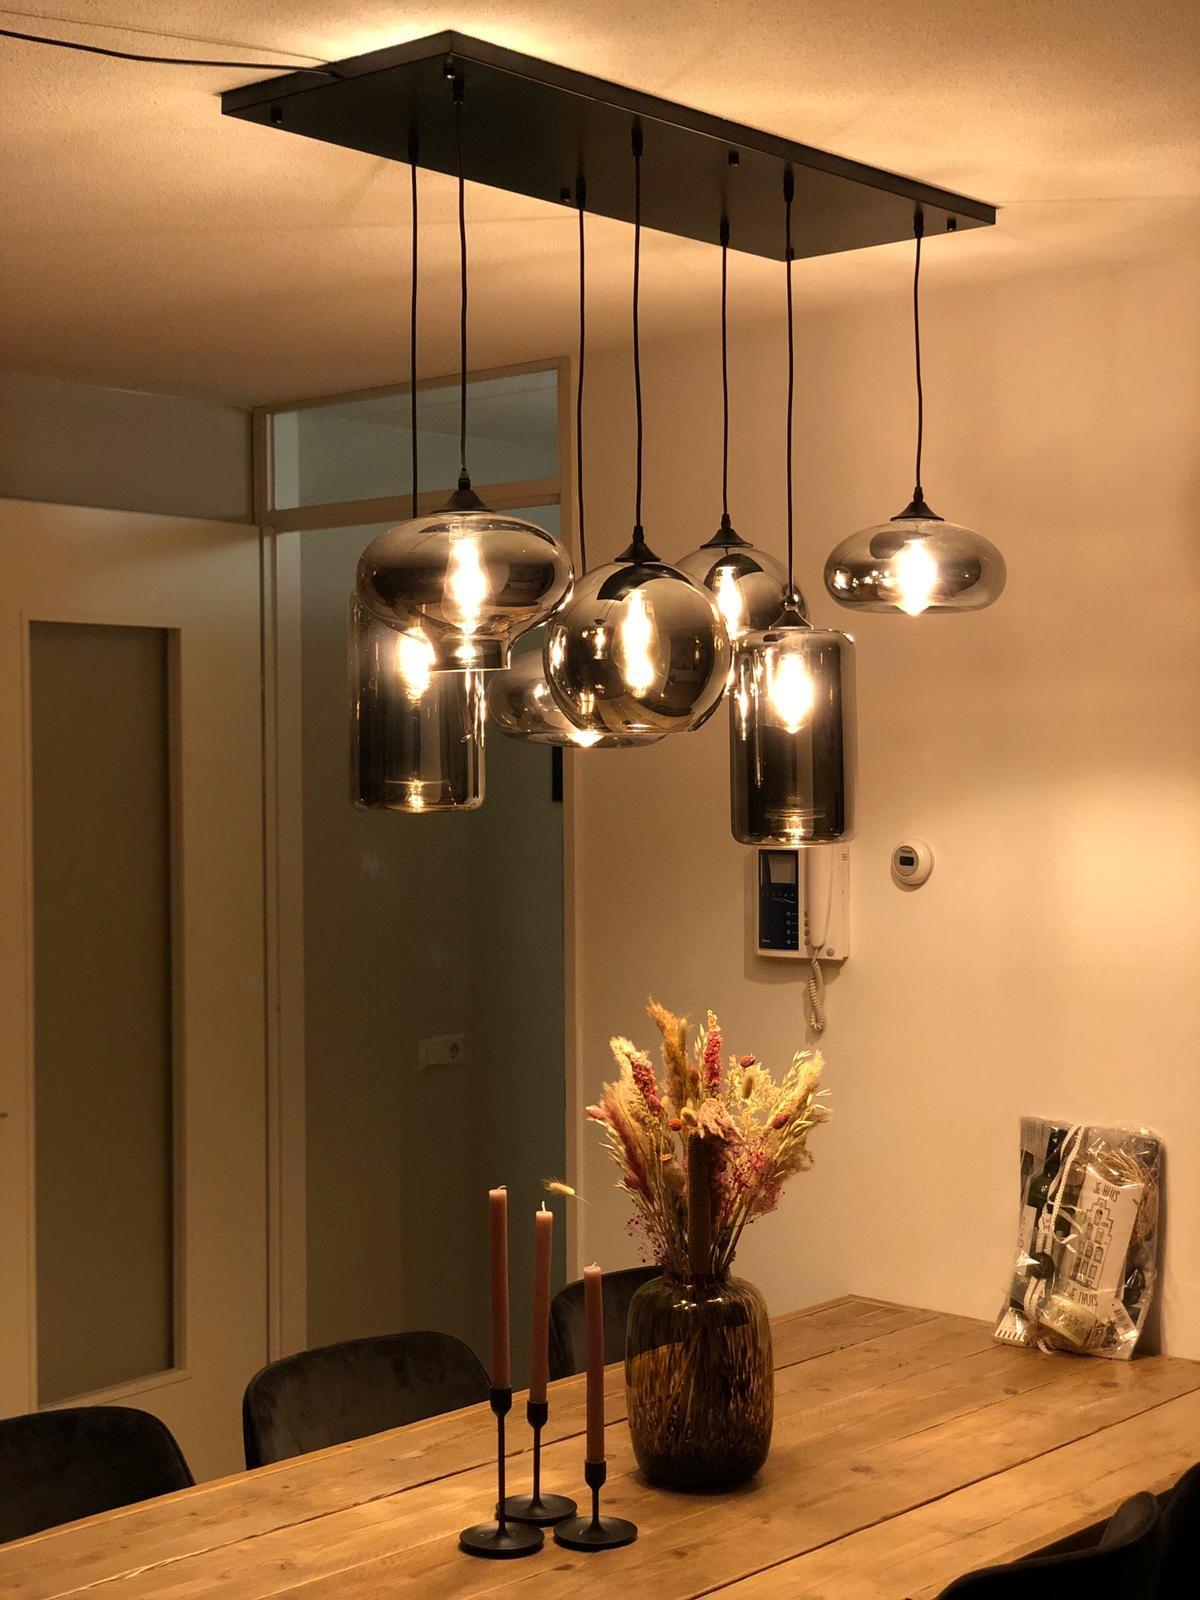 Hanglamp met meerdere glazen bollen